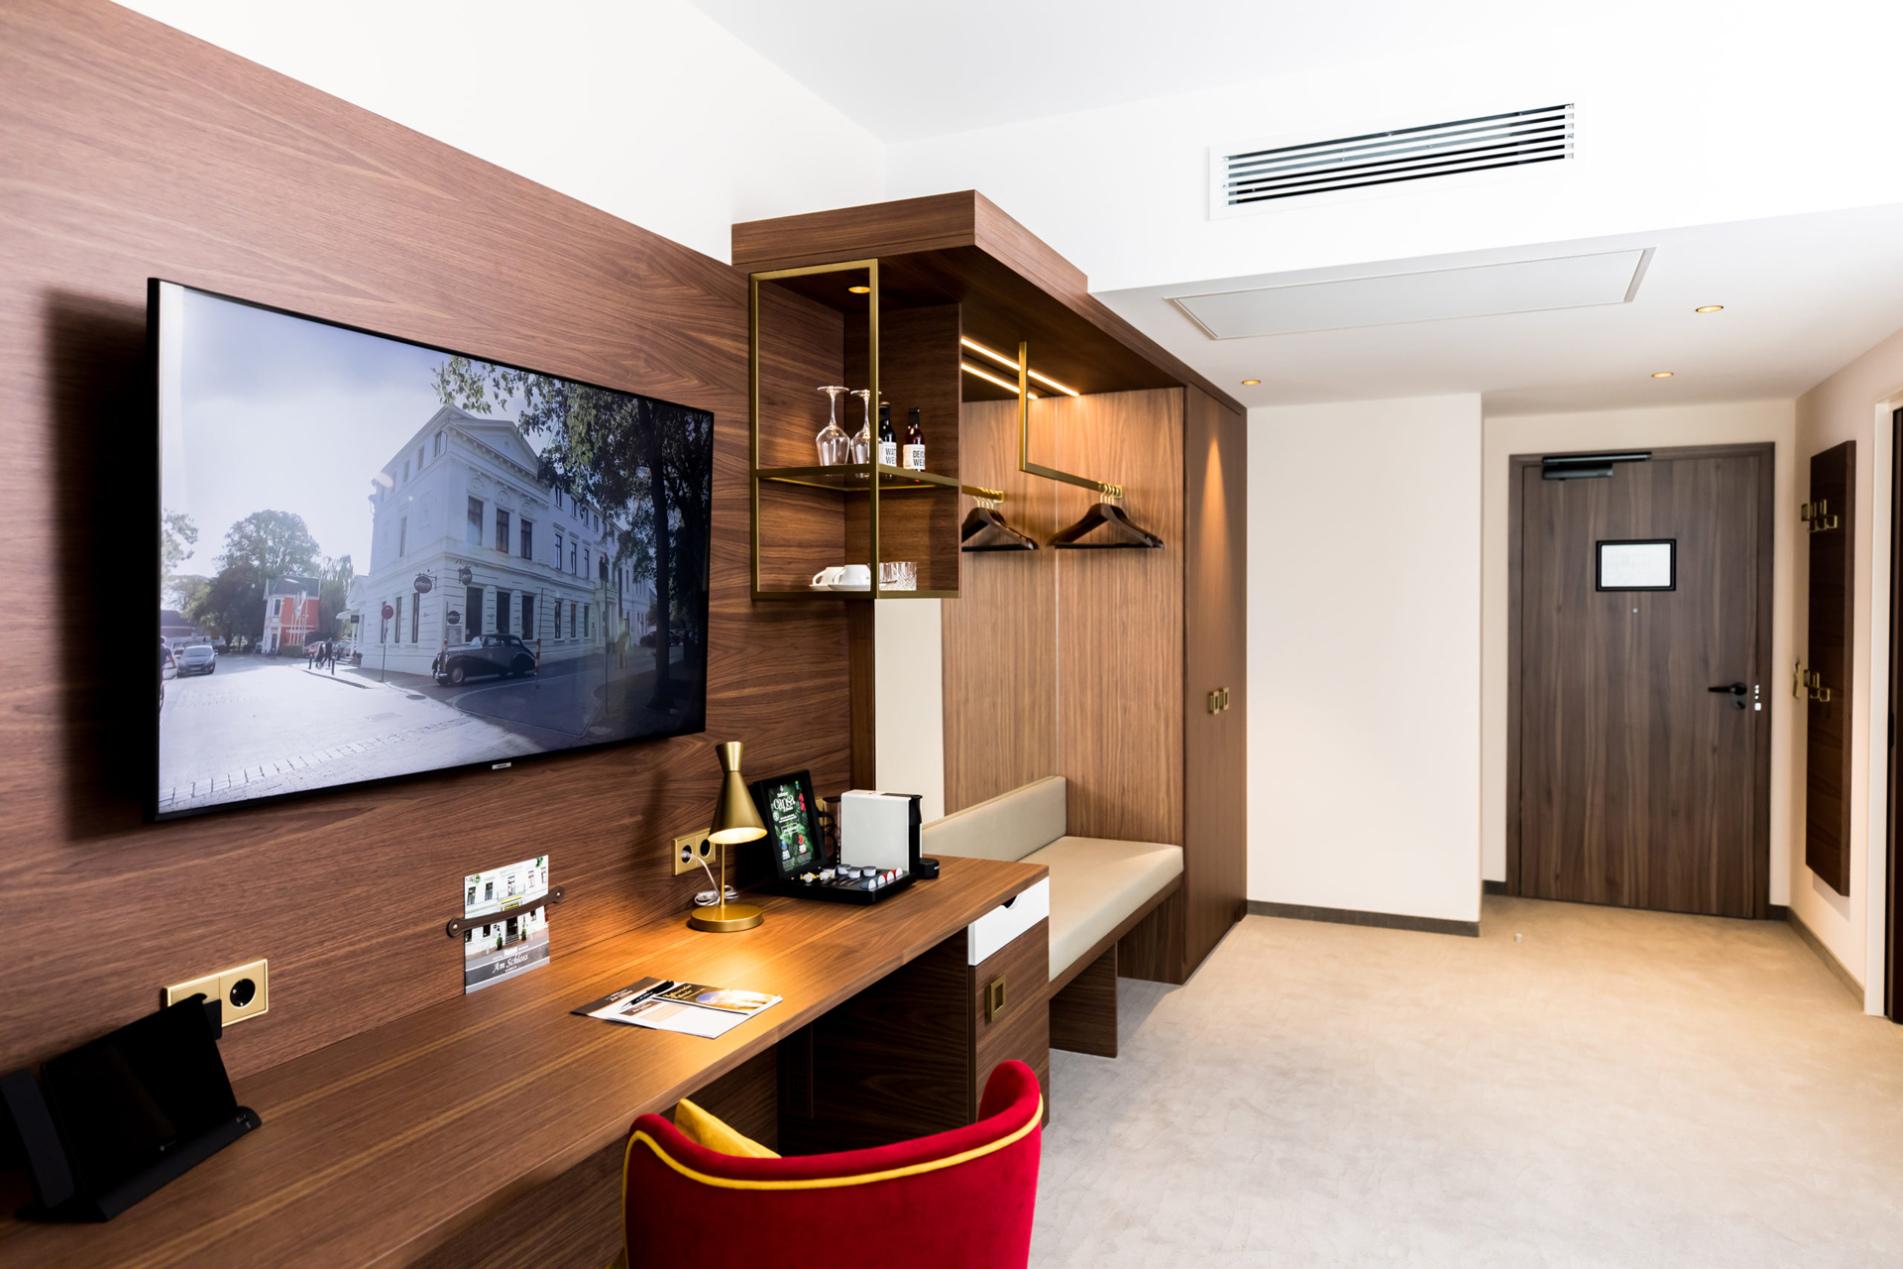 Schlossrezidence Aurich Stilles Renew Hotel Interior (3)